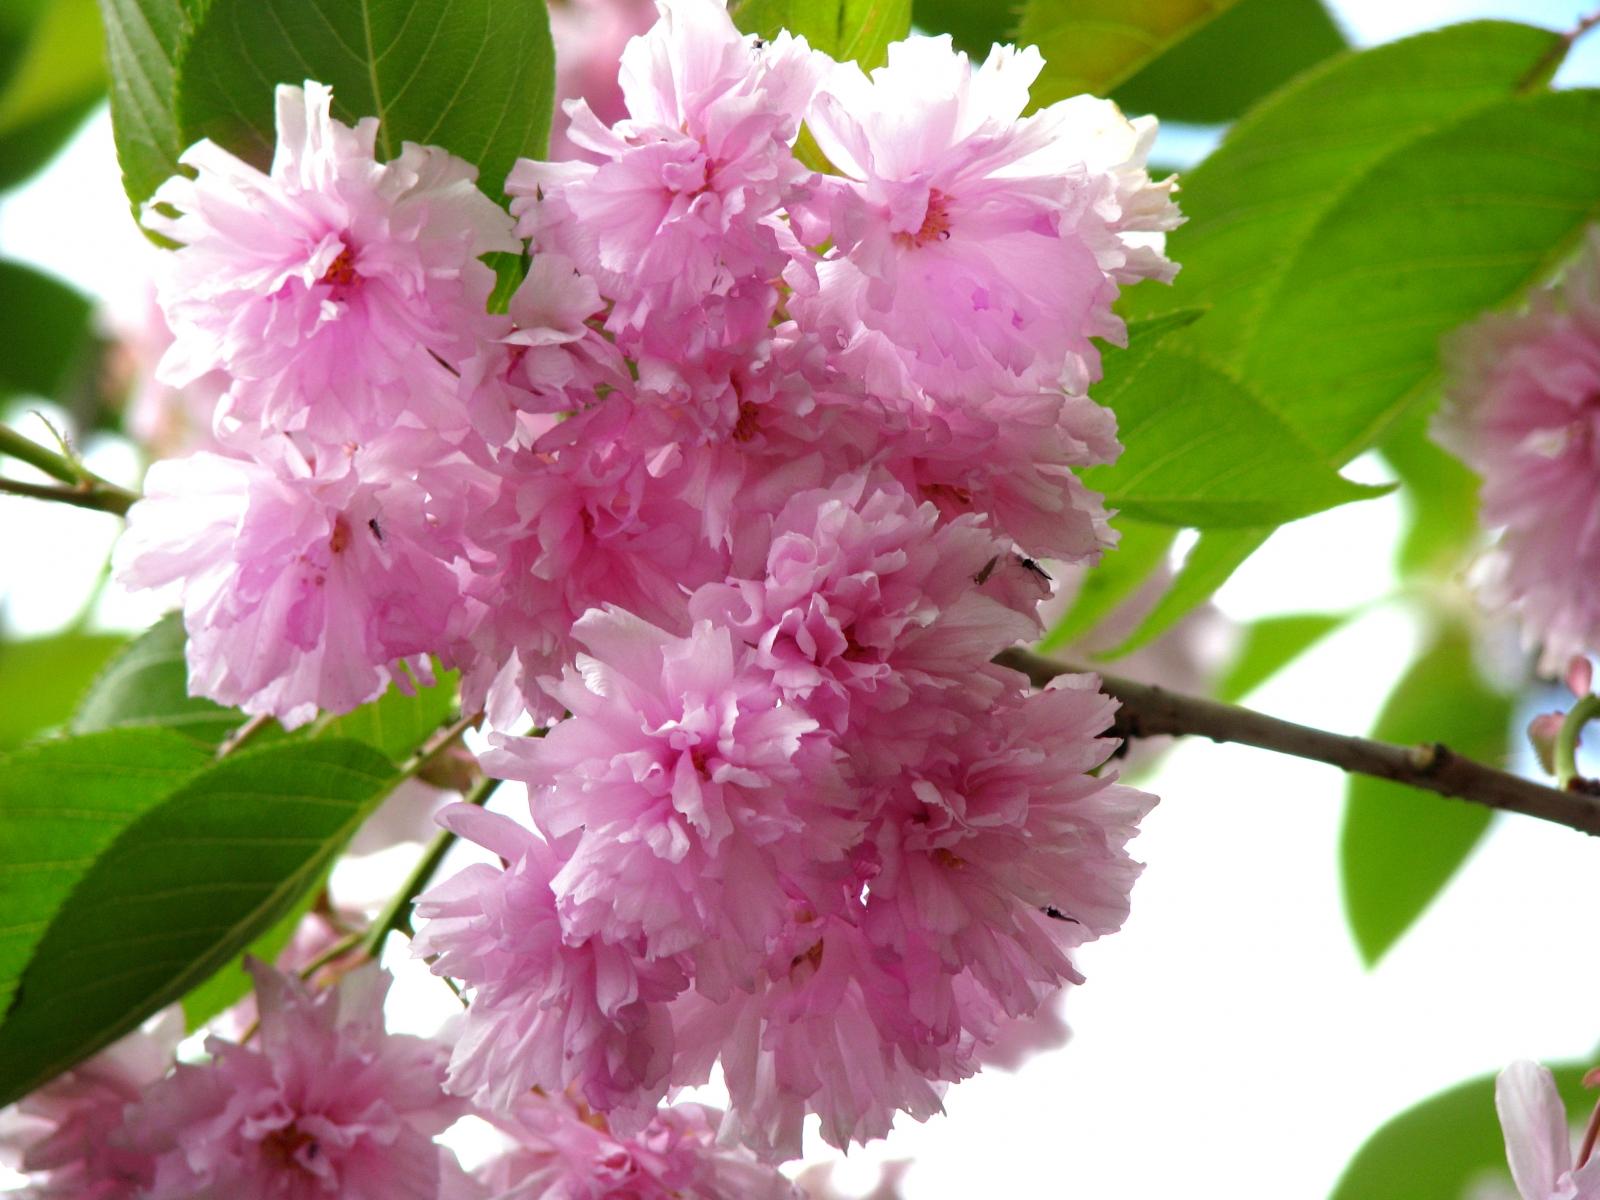 ... ricordi; nei prati, il profumo dei fiori – e pietà per chi resta